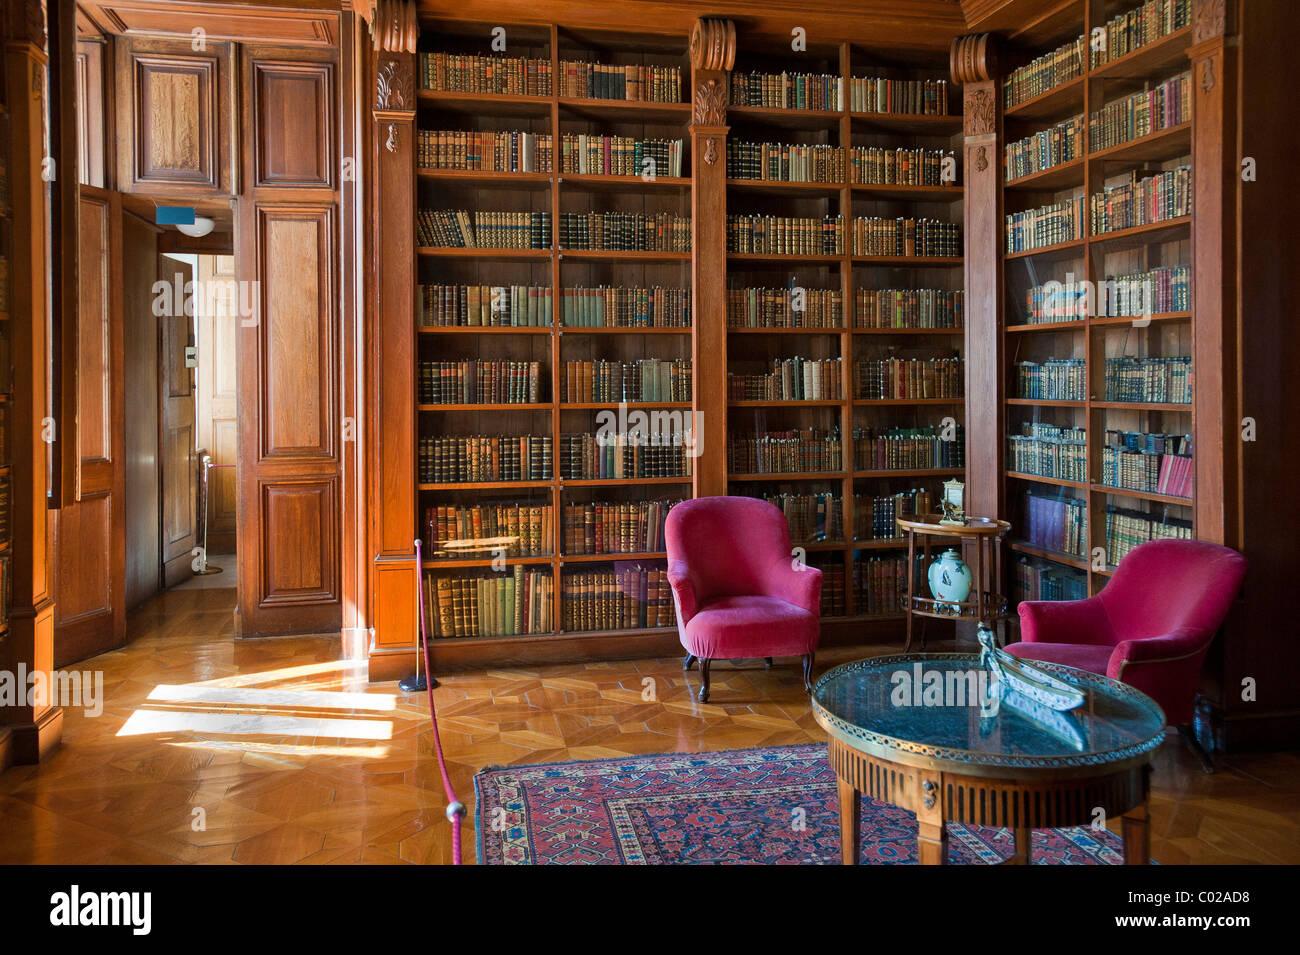 Helikon Library, reading room, Festetics Palace in Kesztehely, Hungary, Europe - Stock Image